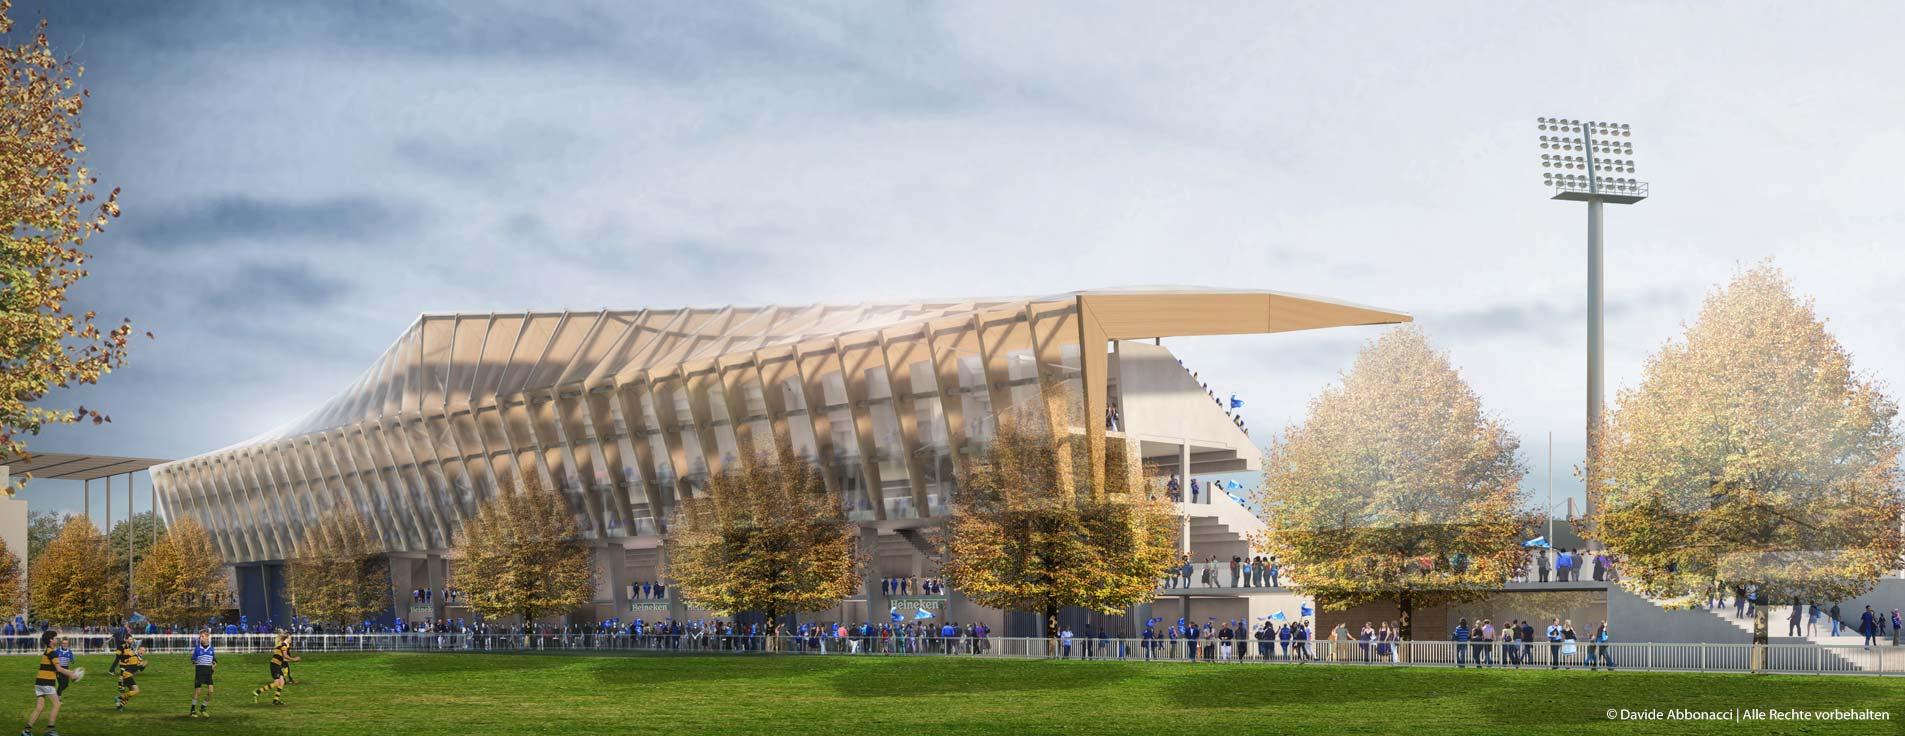 RDS Leinster Rugby Arena Dublin, Ireland | BDP. Building Design Partnership | 2014 Wettbewerbsvisualisierung